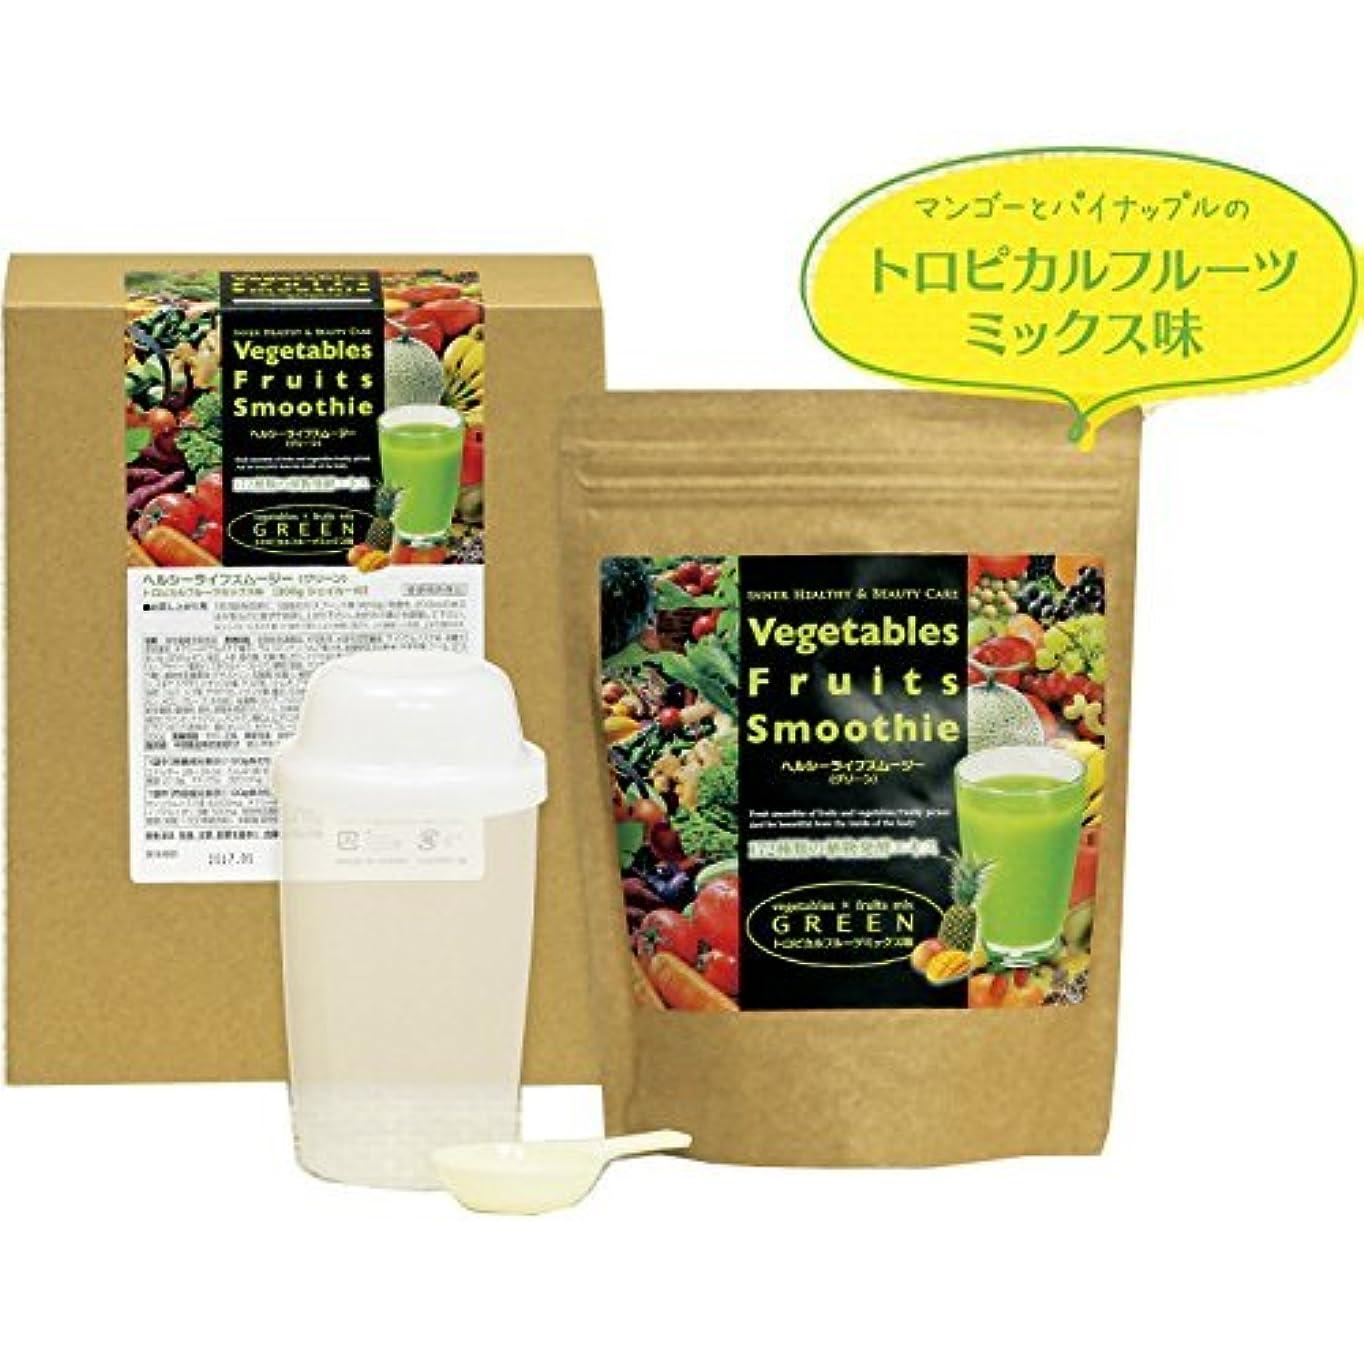 宴会ありふれたトーストVegetables Fruits Smoothie ヘルシーライフスムージー(グリーン)トロピカルフルーツミックス味(300g シェイカー付) 日本製